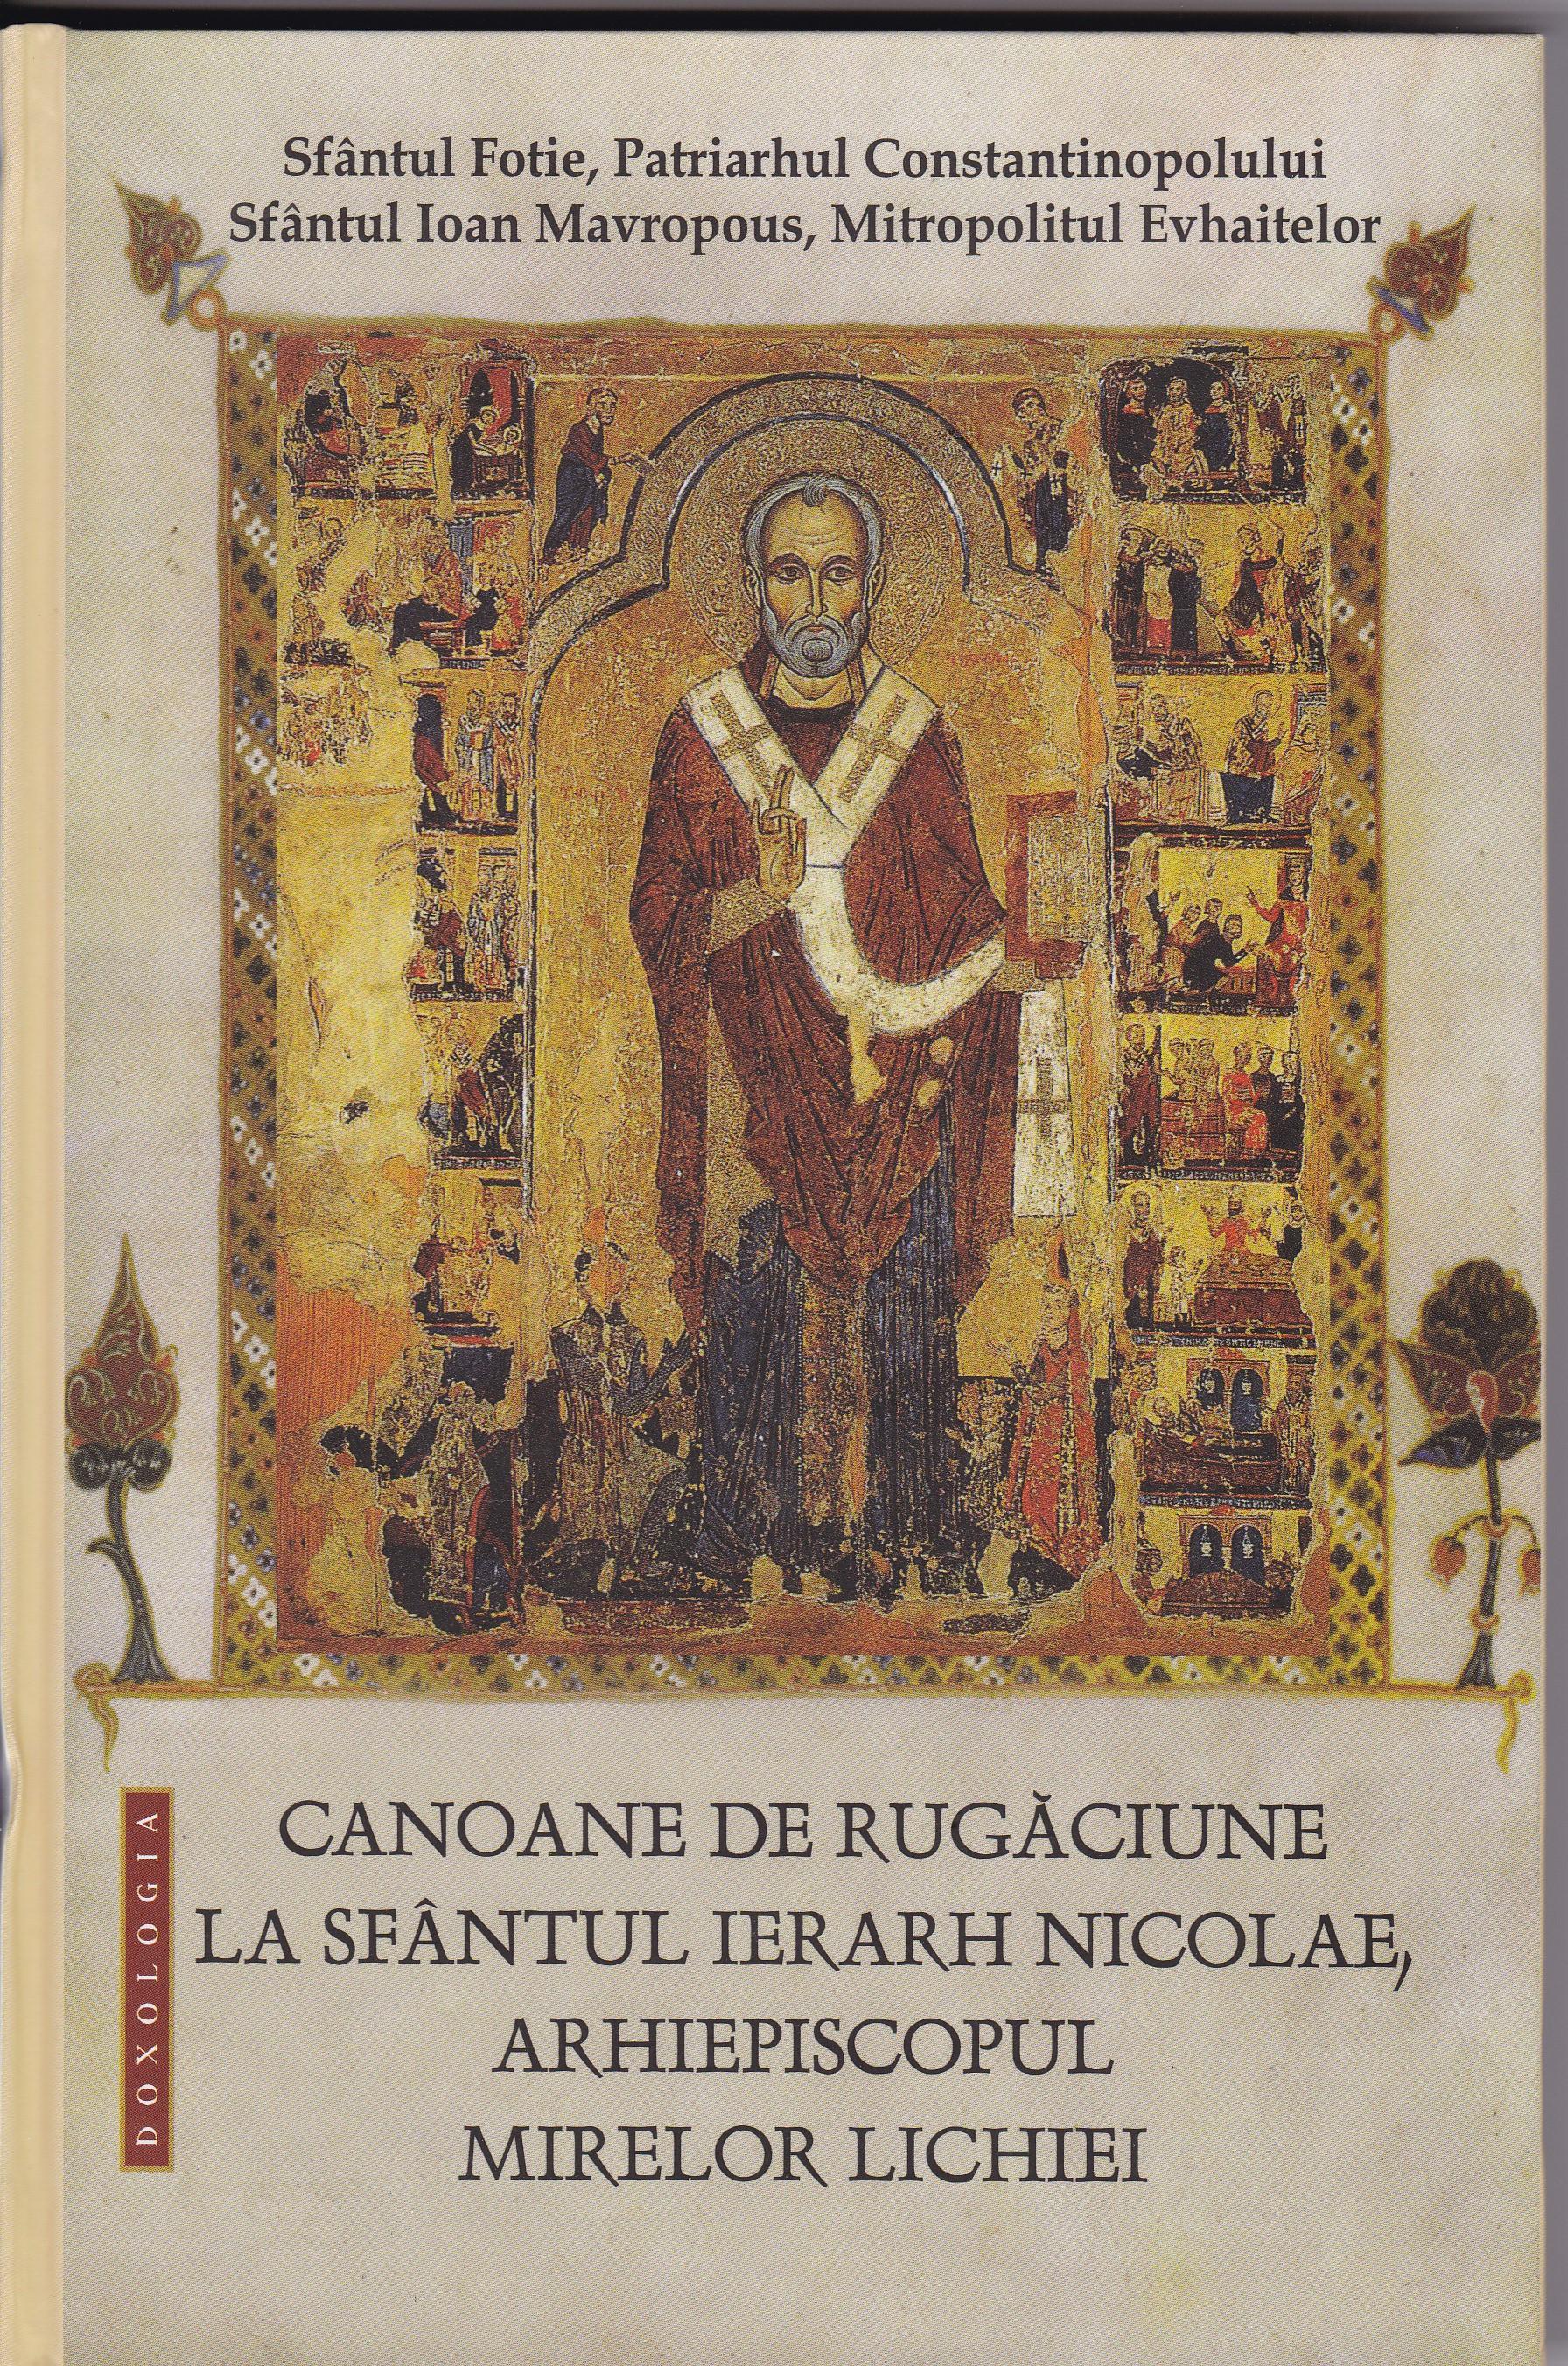 Canoane de rugăciune la Sfântul Ierarh Nicolae, Arhiepiscopul Mirelor Lichiei